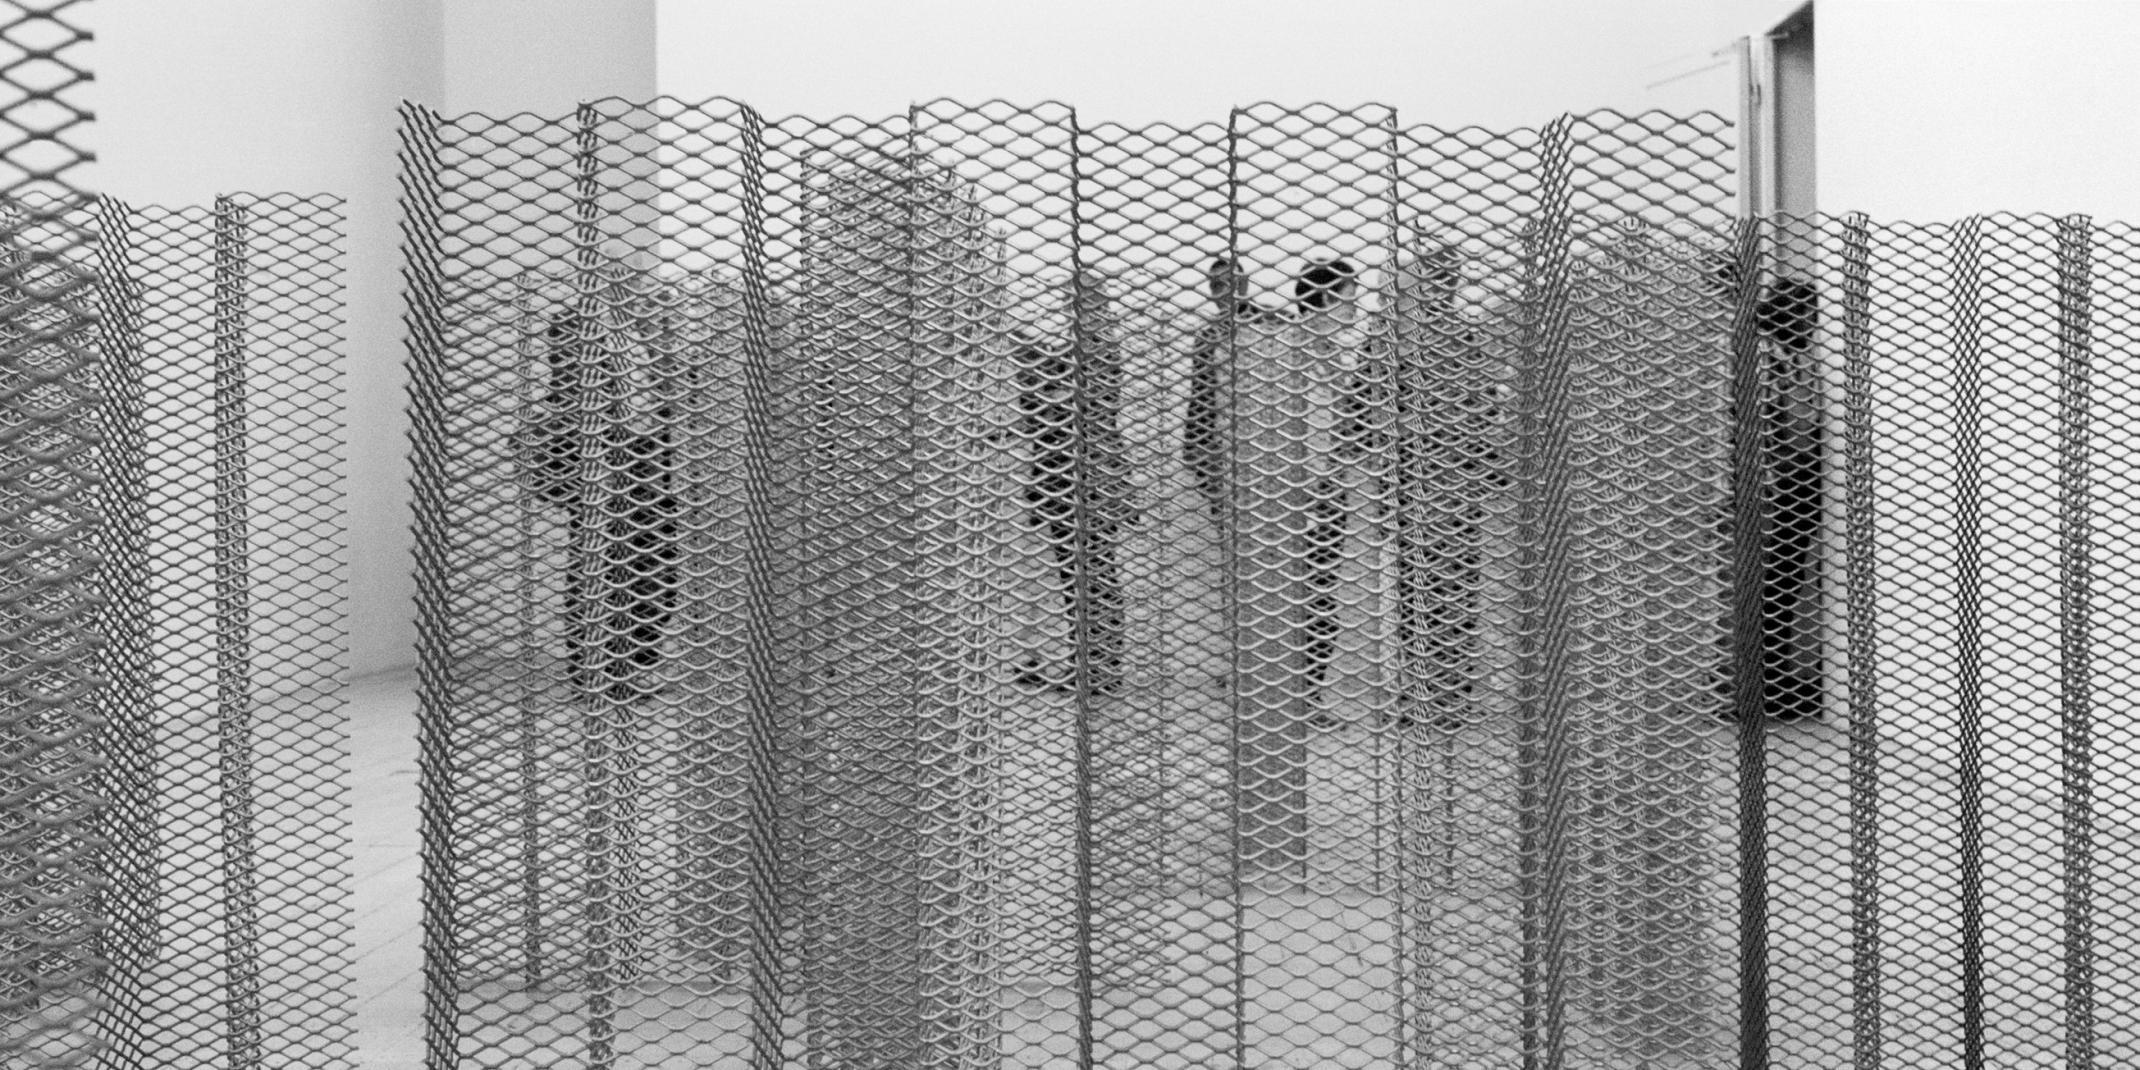 Robert Morris (1931–2018) Untitled, 1968 Streck-Aluminium, 16 Teile, je 124 x 130 x 16 cm Hamburger Kunsthalle, Schenkung Susanne & Michael Liebelt, Hamburg © VG Bild-Kunst, Bonn 2021 Foto: Olaf Pascheit